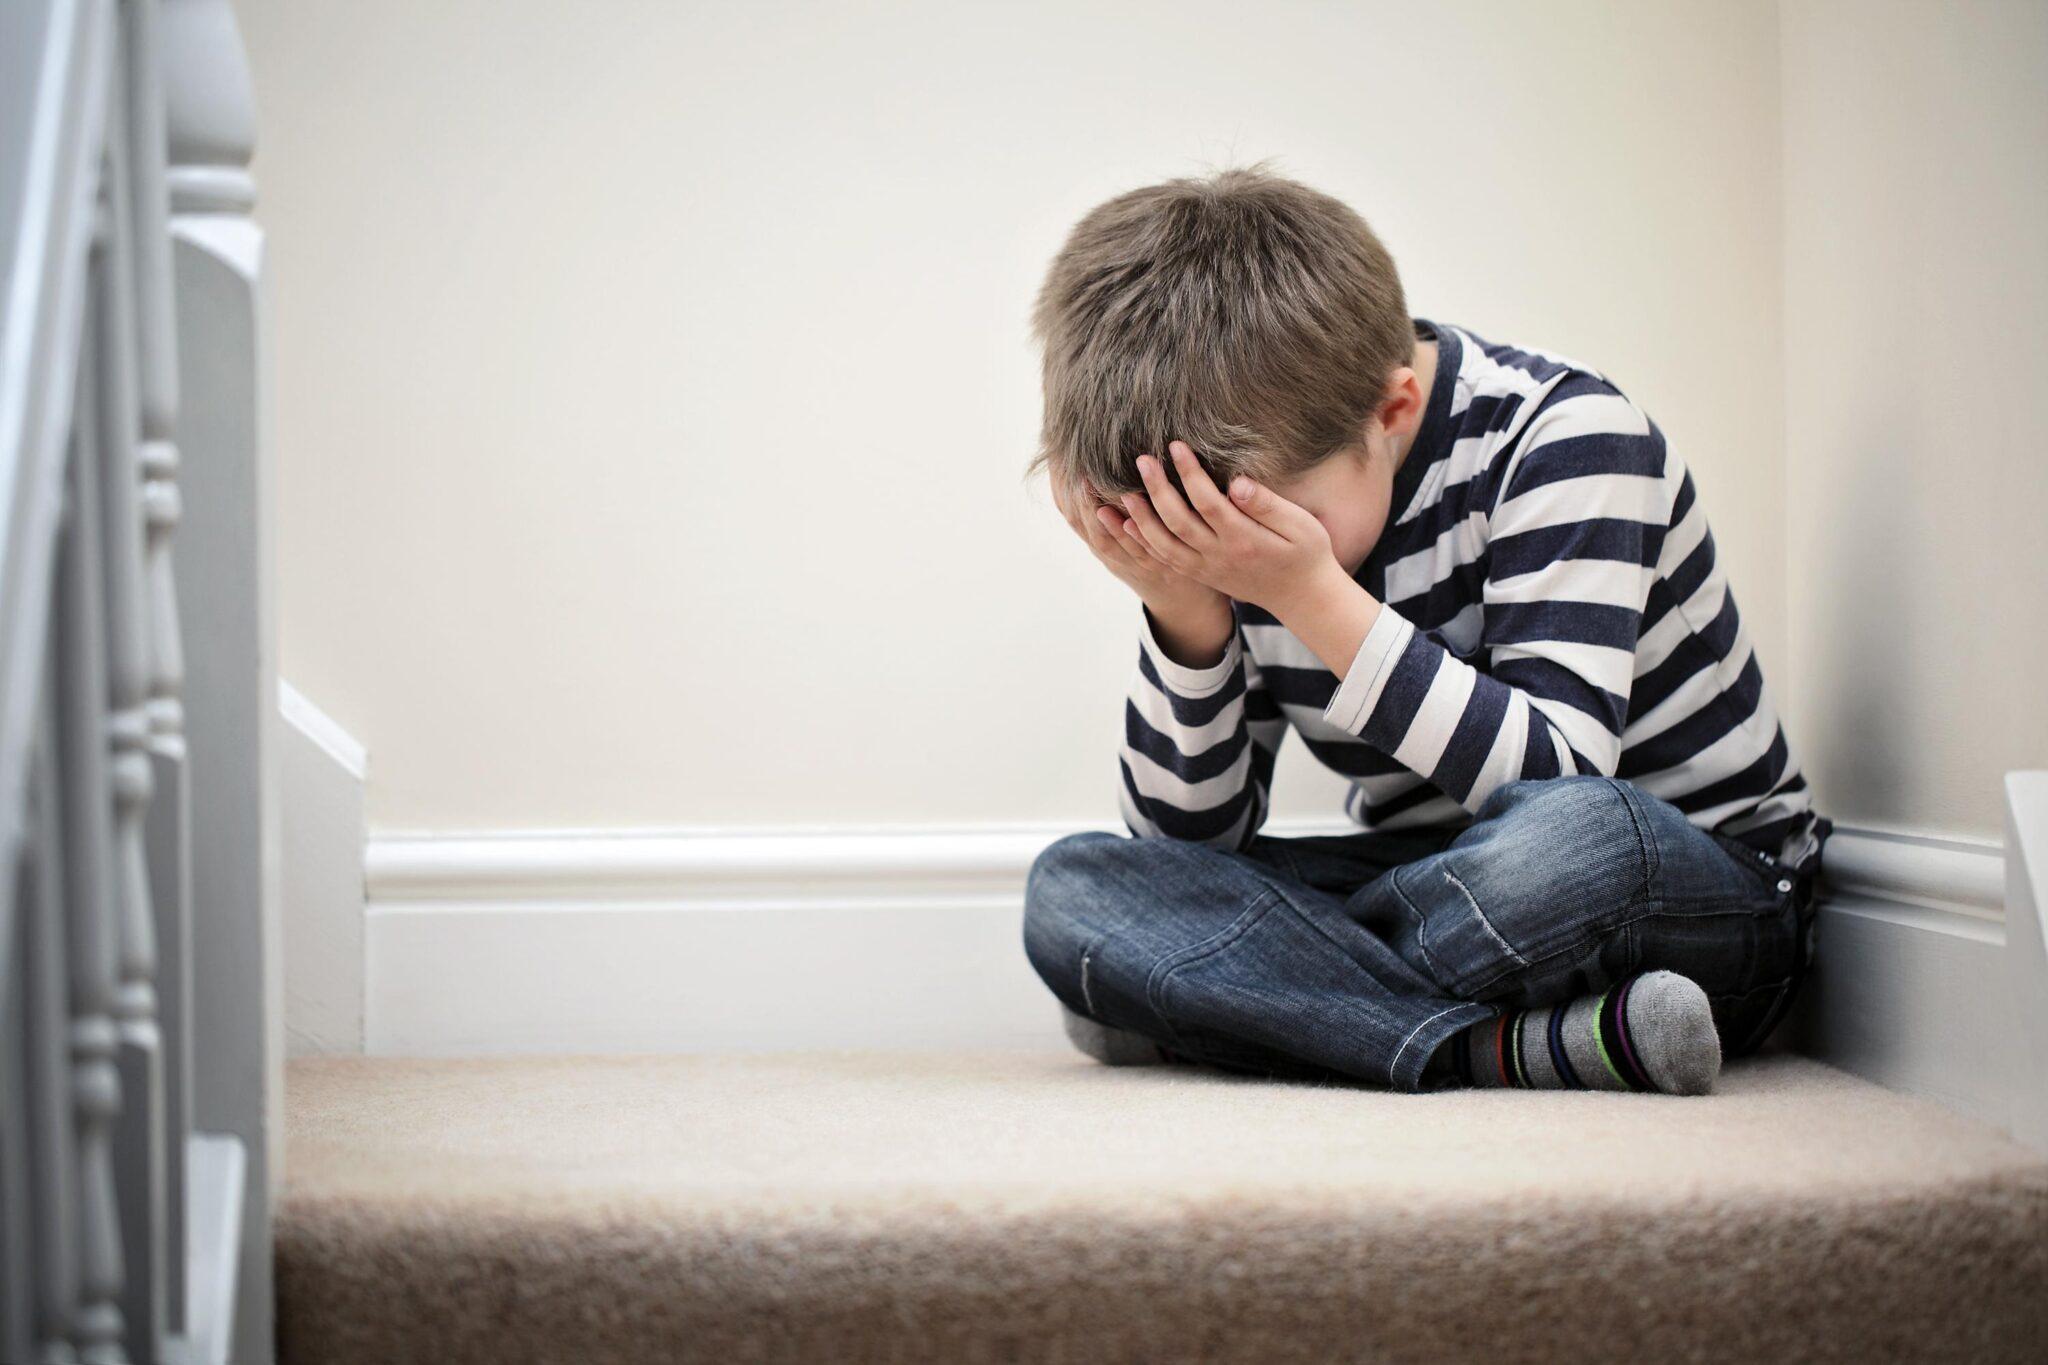 Con il Covid è aumentata la domanda di cure psichiatriche.<br> L'Italia destina solo il 3,5% della spesa sanitaria in salute mentale.<br> I fanciulli sono i più provati, ma mancano gli psichiatri infantili